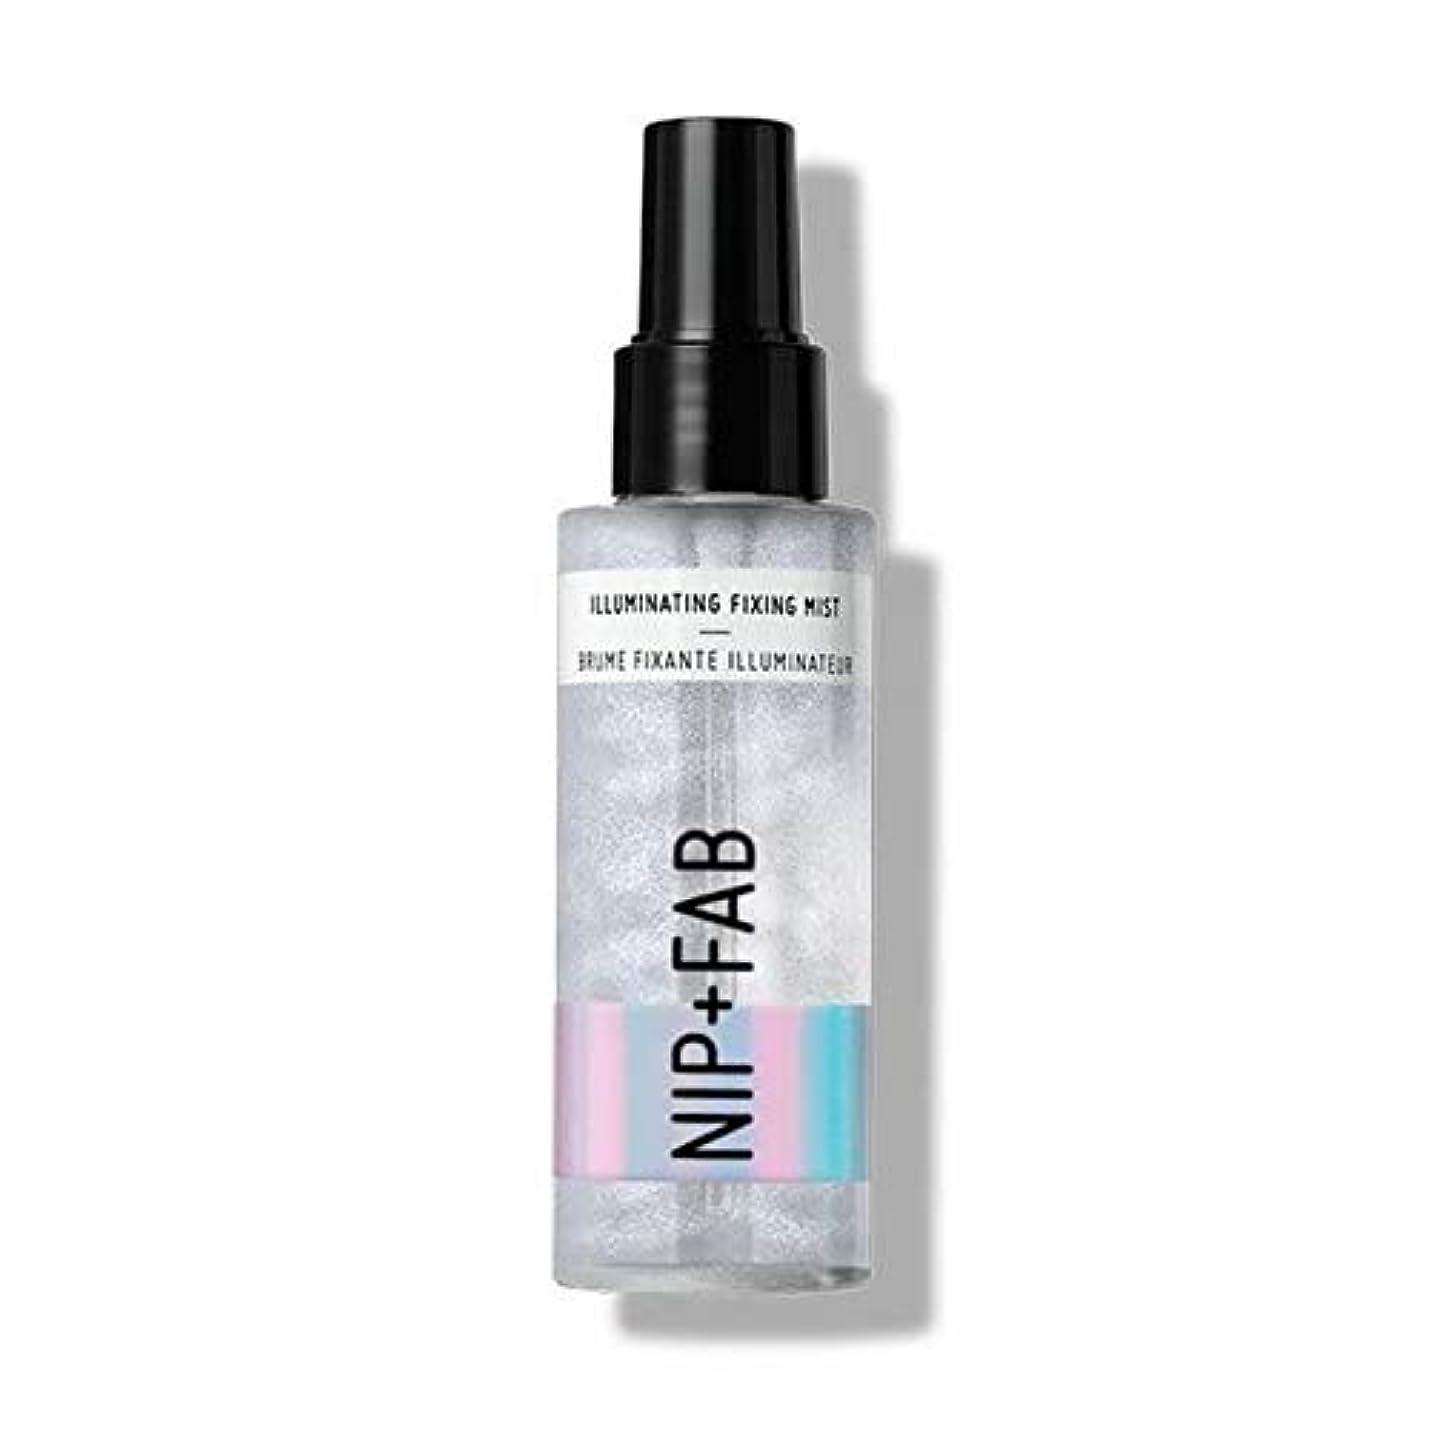 ラメ約束する曲げる[Nip & Fab ] 固定ミスト100ミリリットルを照らす作るFab +ニップ - Nip+Fab Make Up Illuminating Fixing Mist 100ml [並行輸入品]